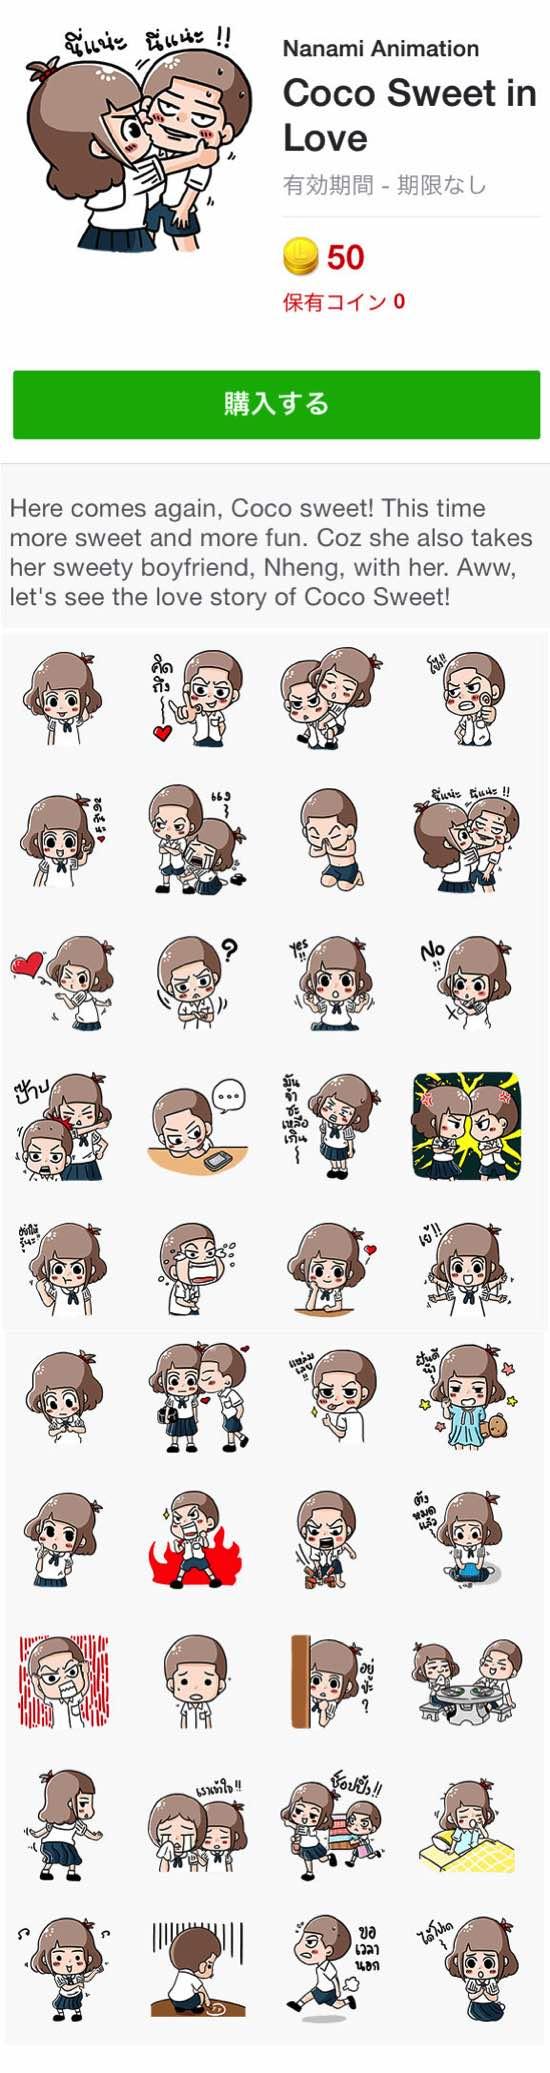 タイのLINEスタンプ Coco Sweet in Love / Nanami Animation